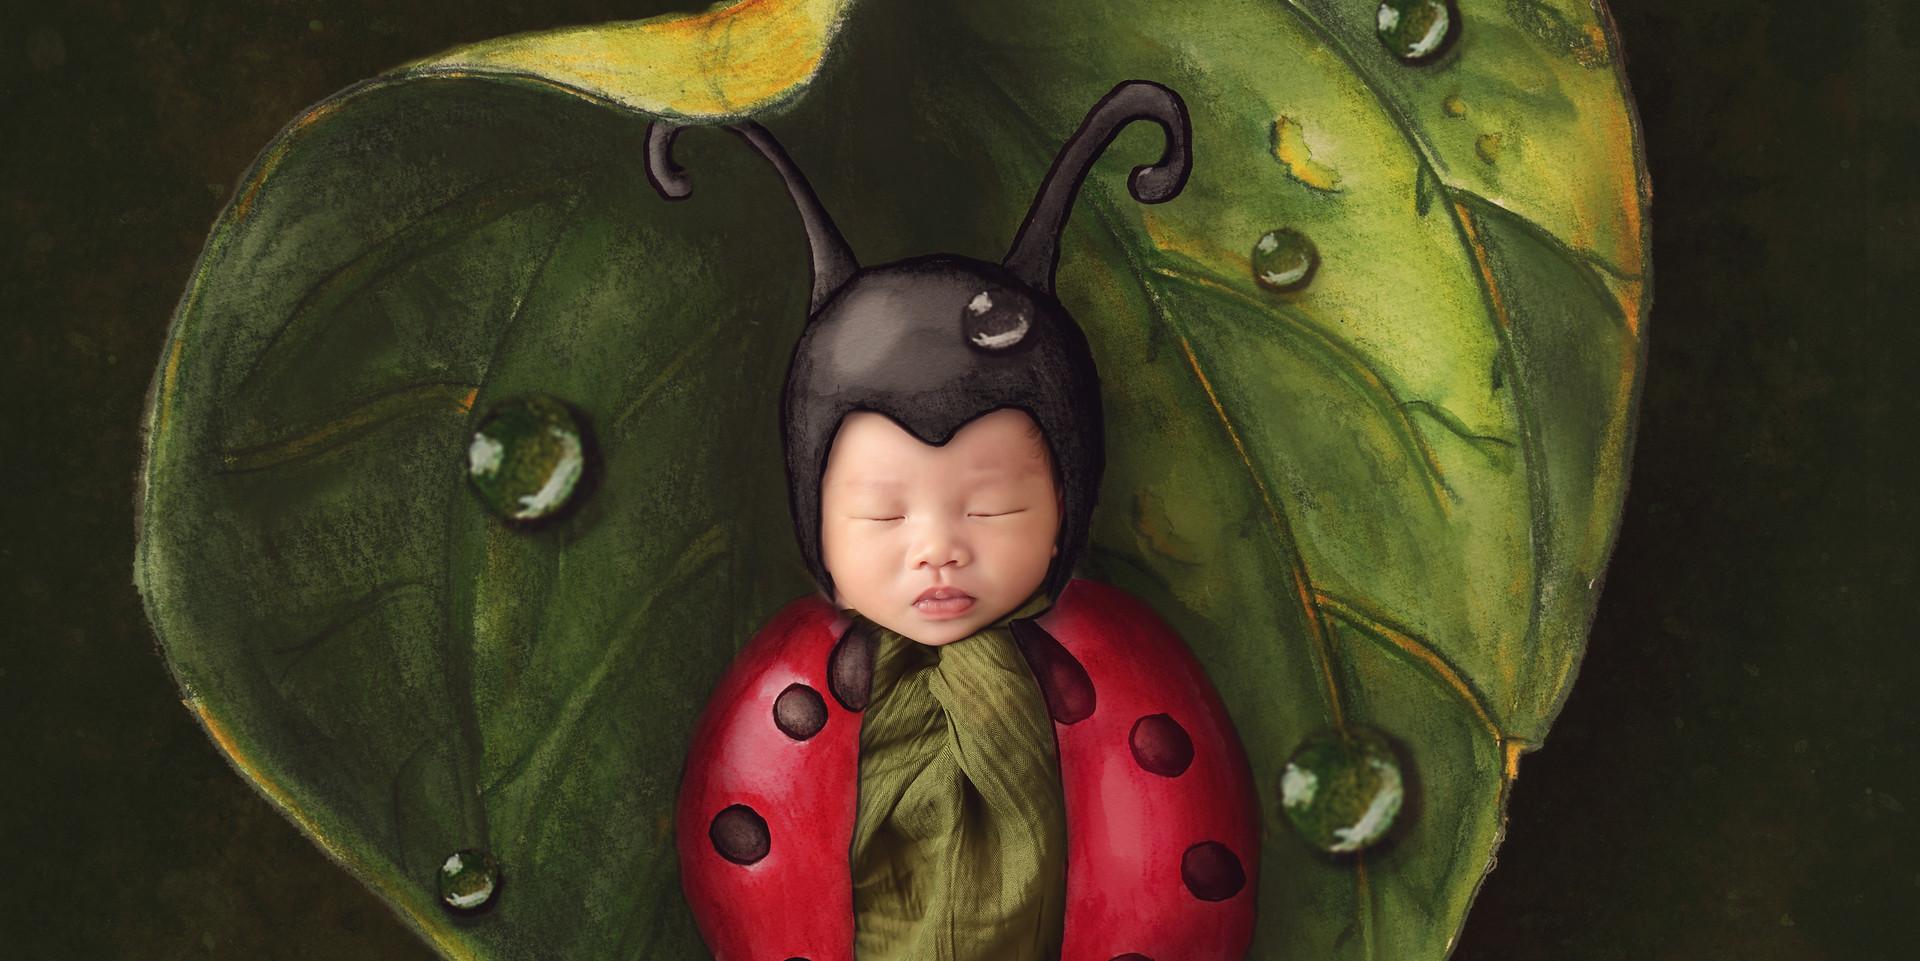 Lady bug baby WM.jpg